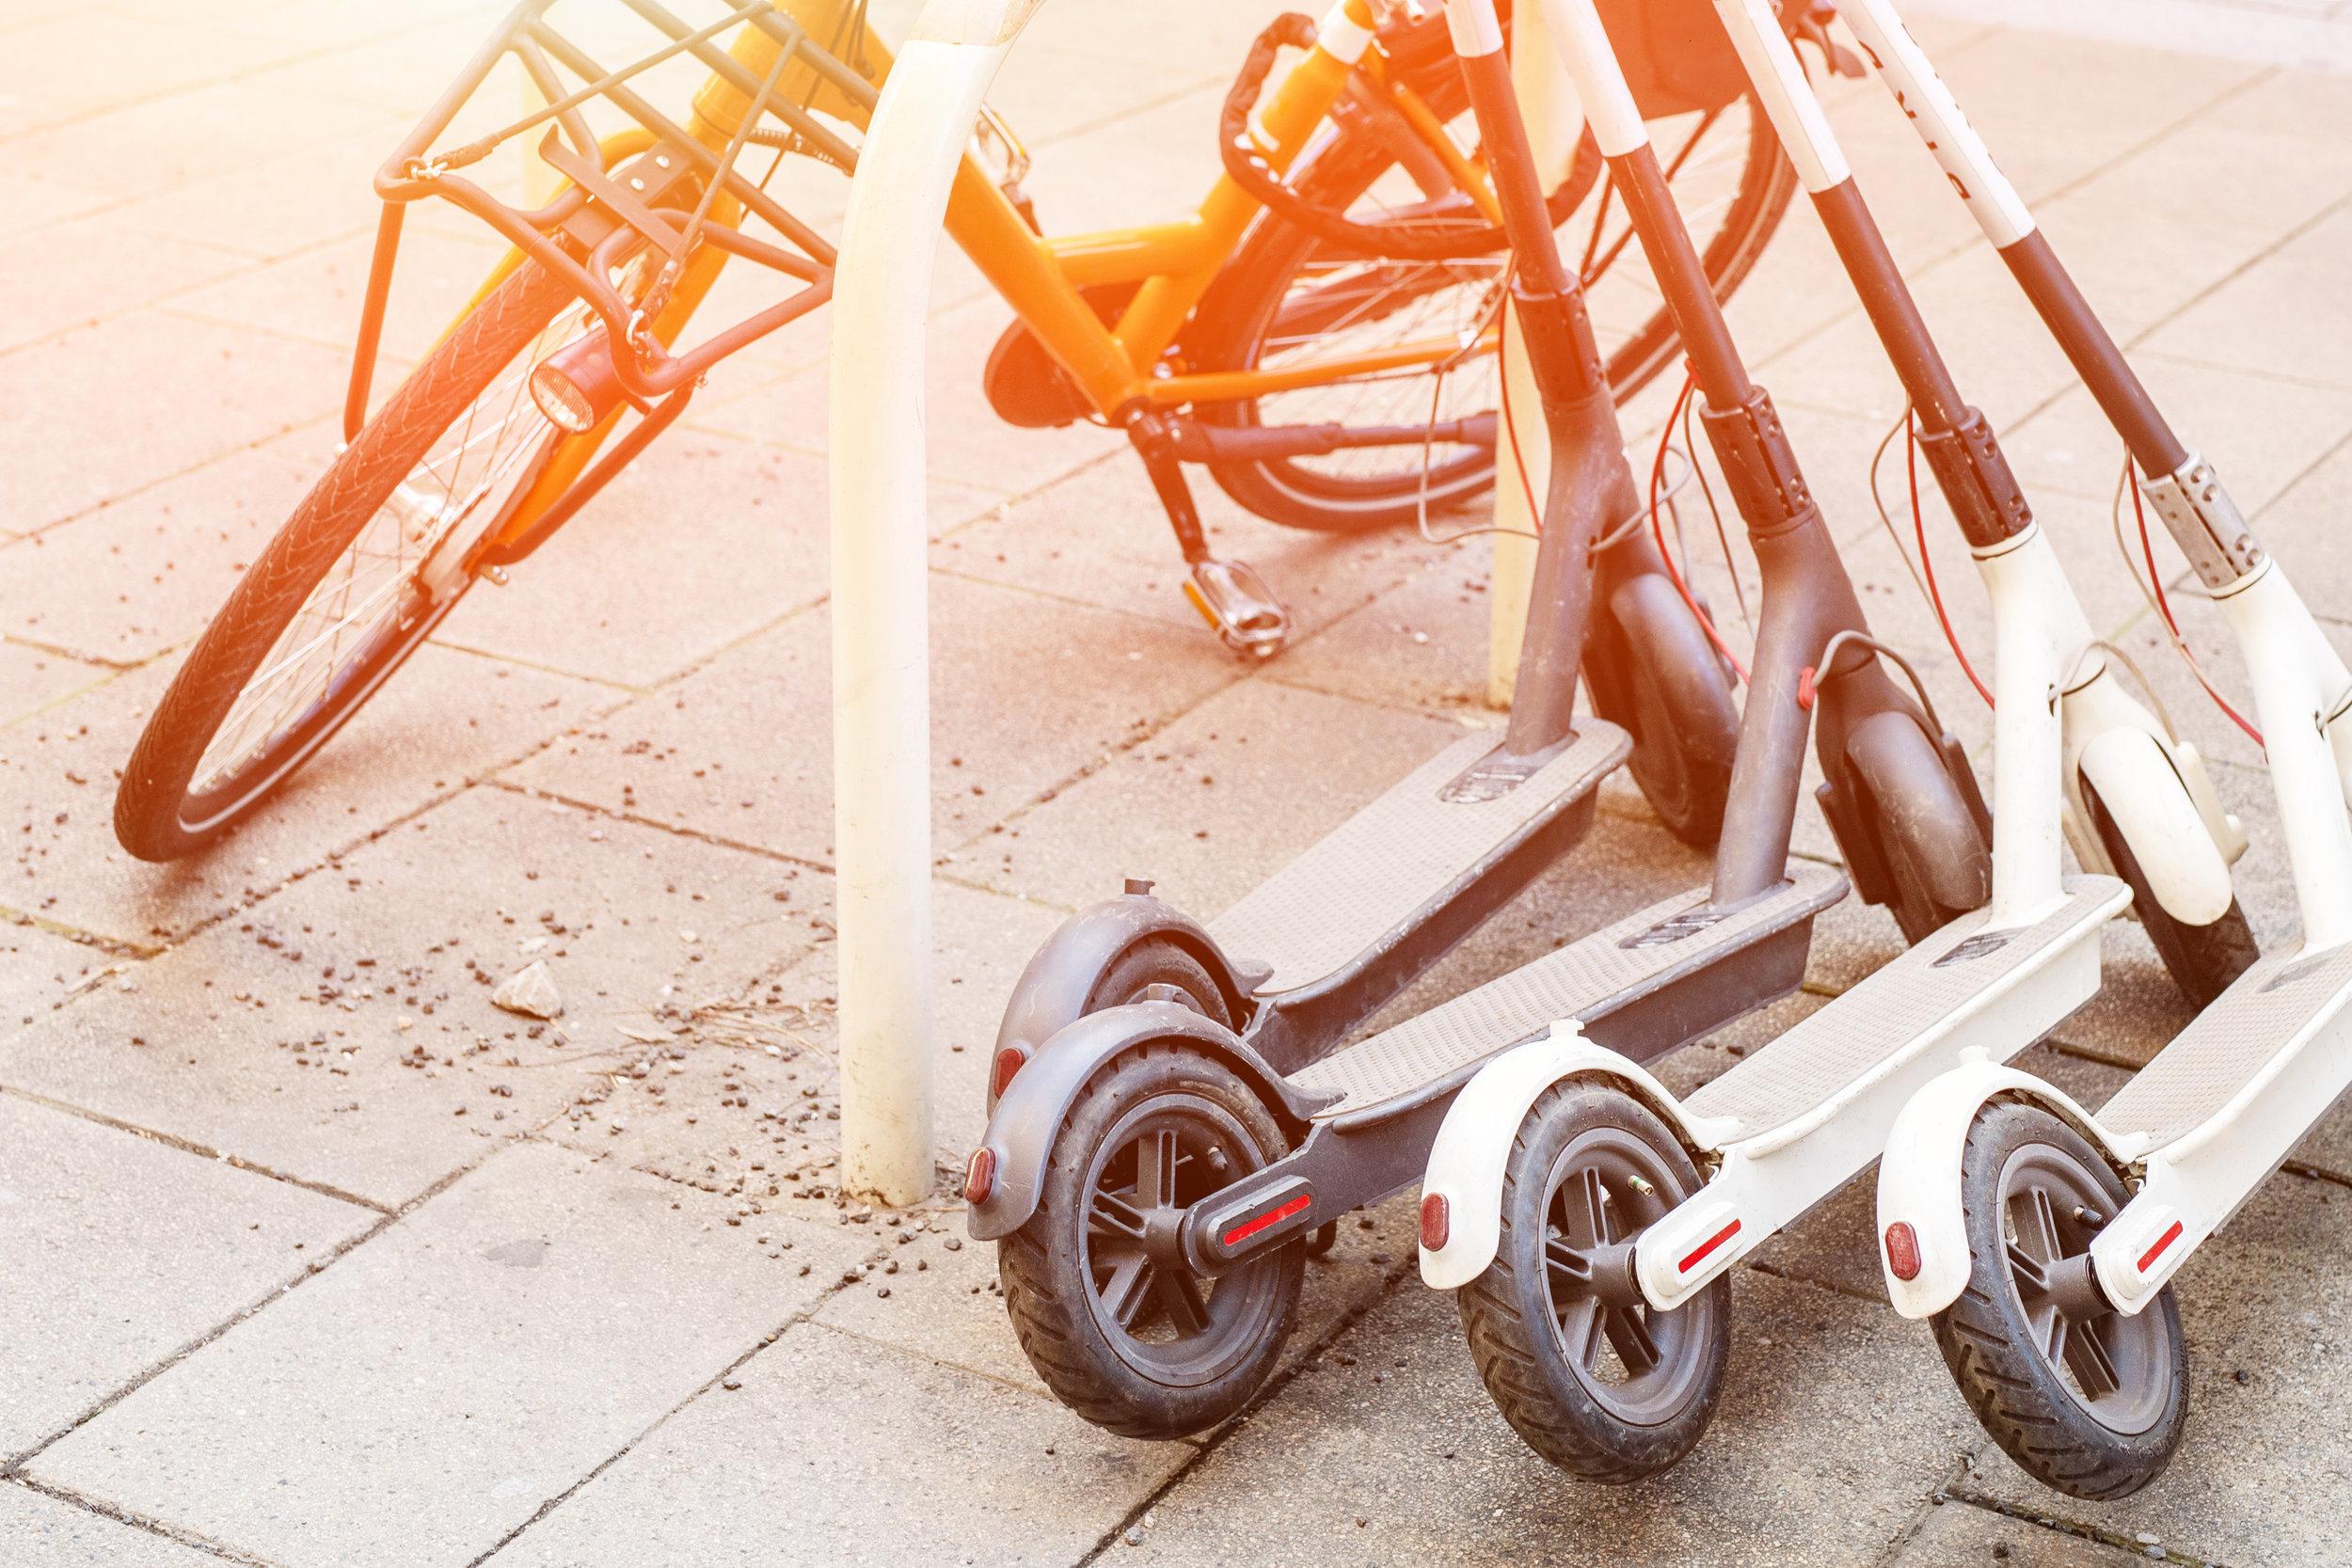 Micromobilidade, Bikes e Patinetes - Regulação, Desafios e Perspectivas da Disrupção na Mobilidade Urbana das Cidades